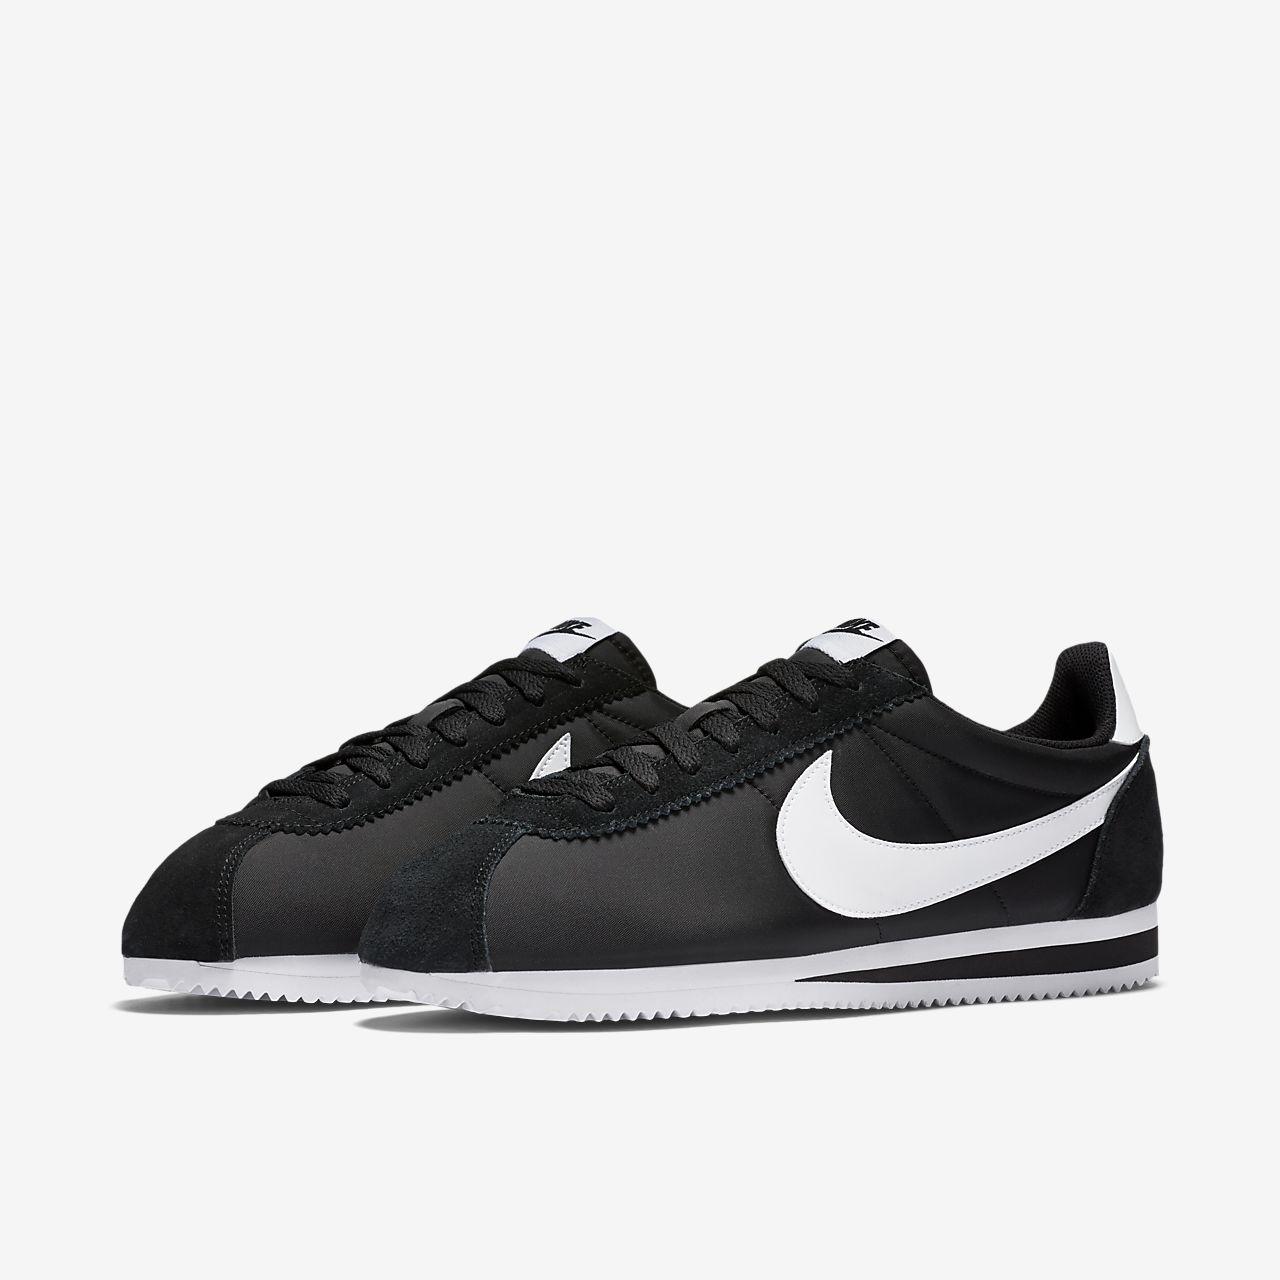 online retailer 4bcef 40c3c ... sweden chaussure mixte nike classic cortez nylon d4120 00fe9